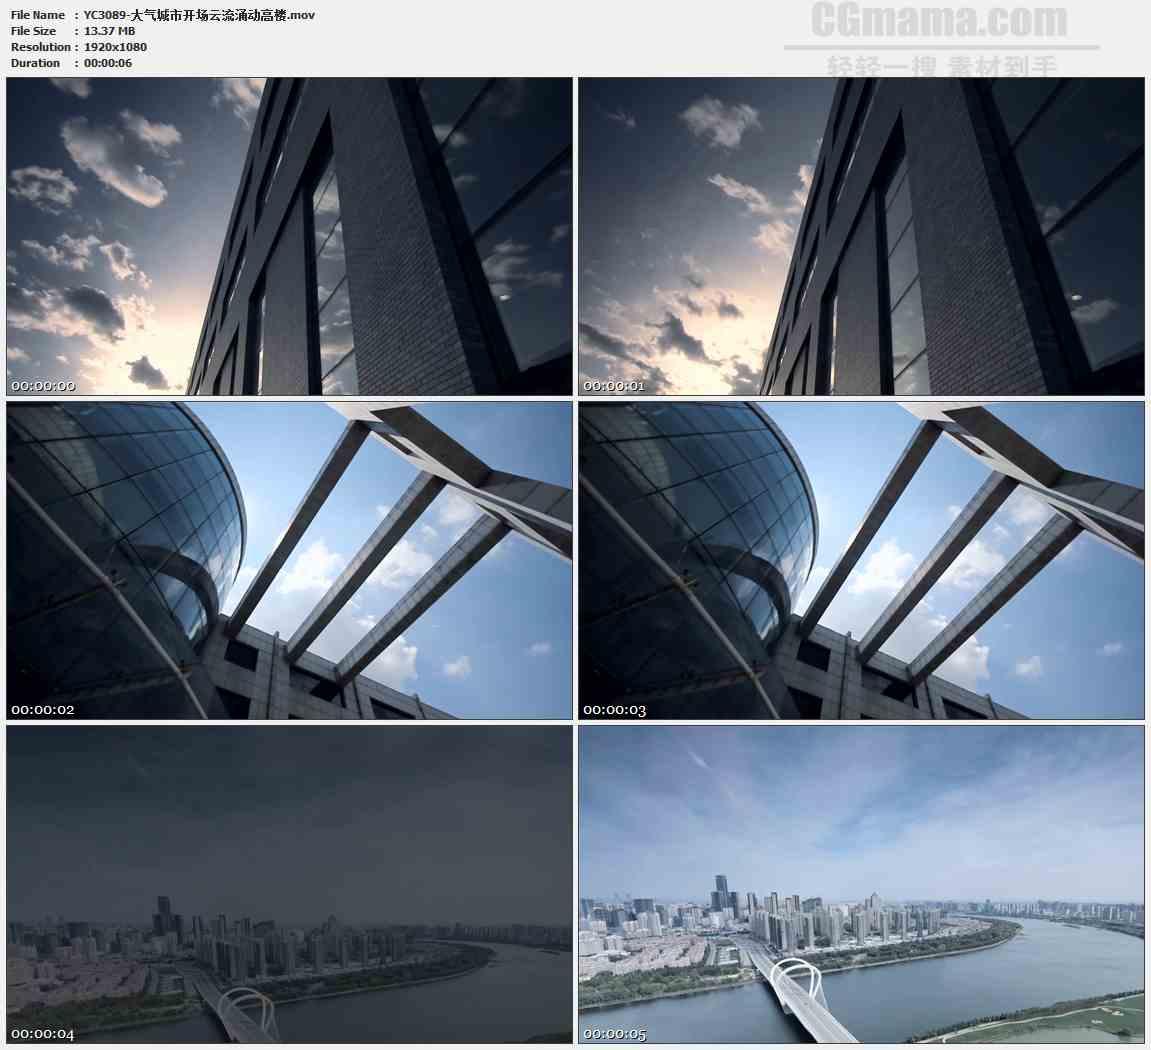 YC3089-大气城市开场云流涌动高楼高清实拍视频素材